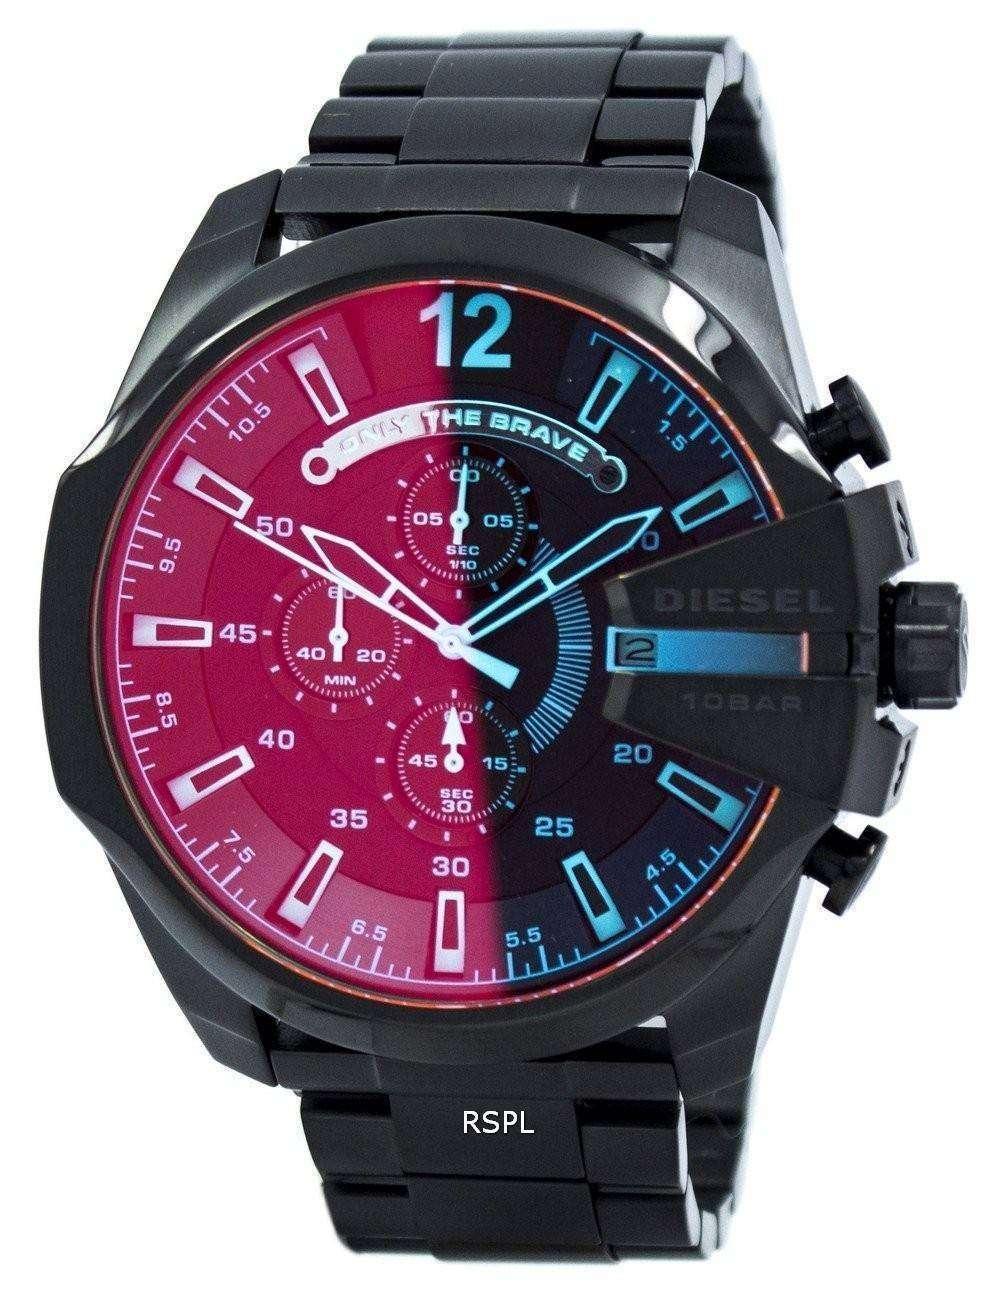 ディーゼル メガ チーフ ブラック イオンめっきブラウン ダイヤル DZ4318 メンズ腕時計